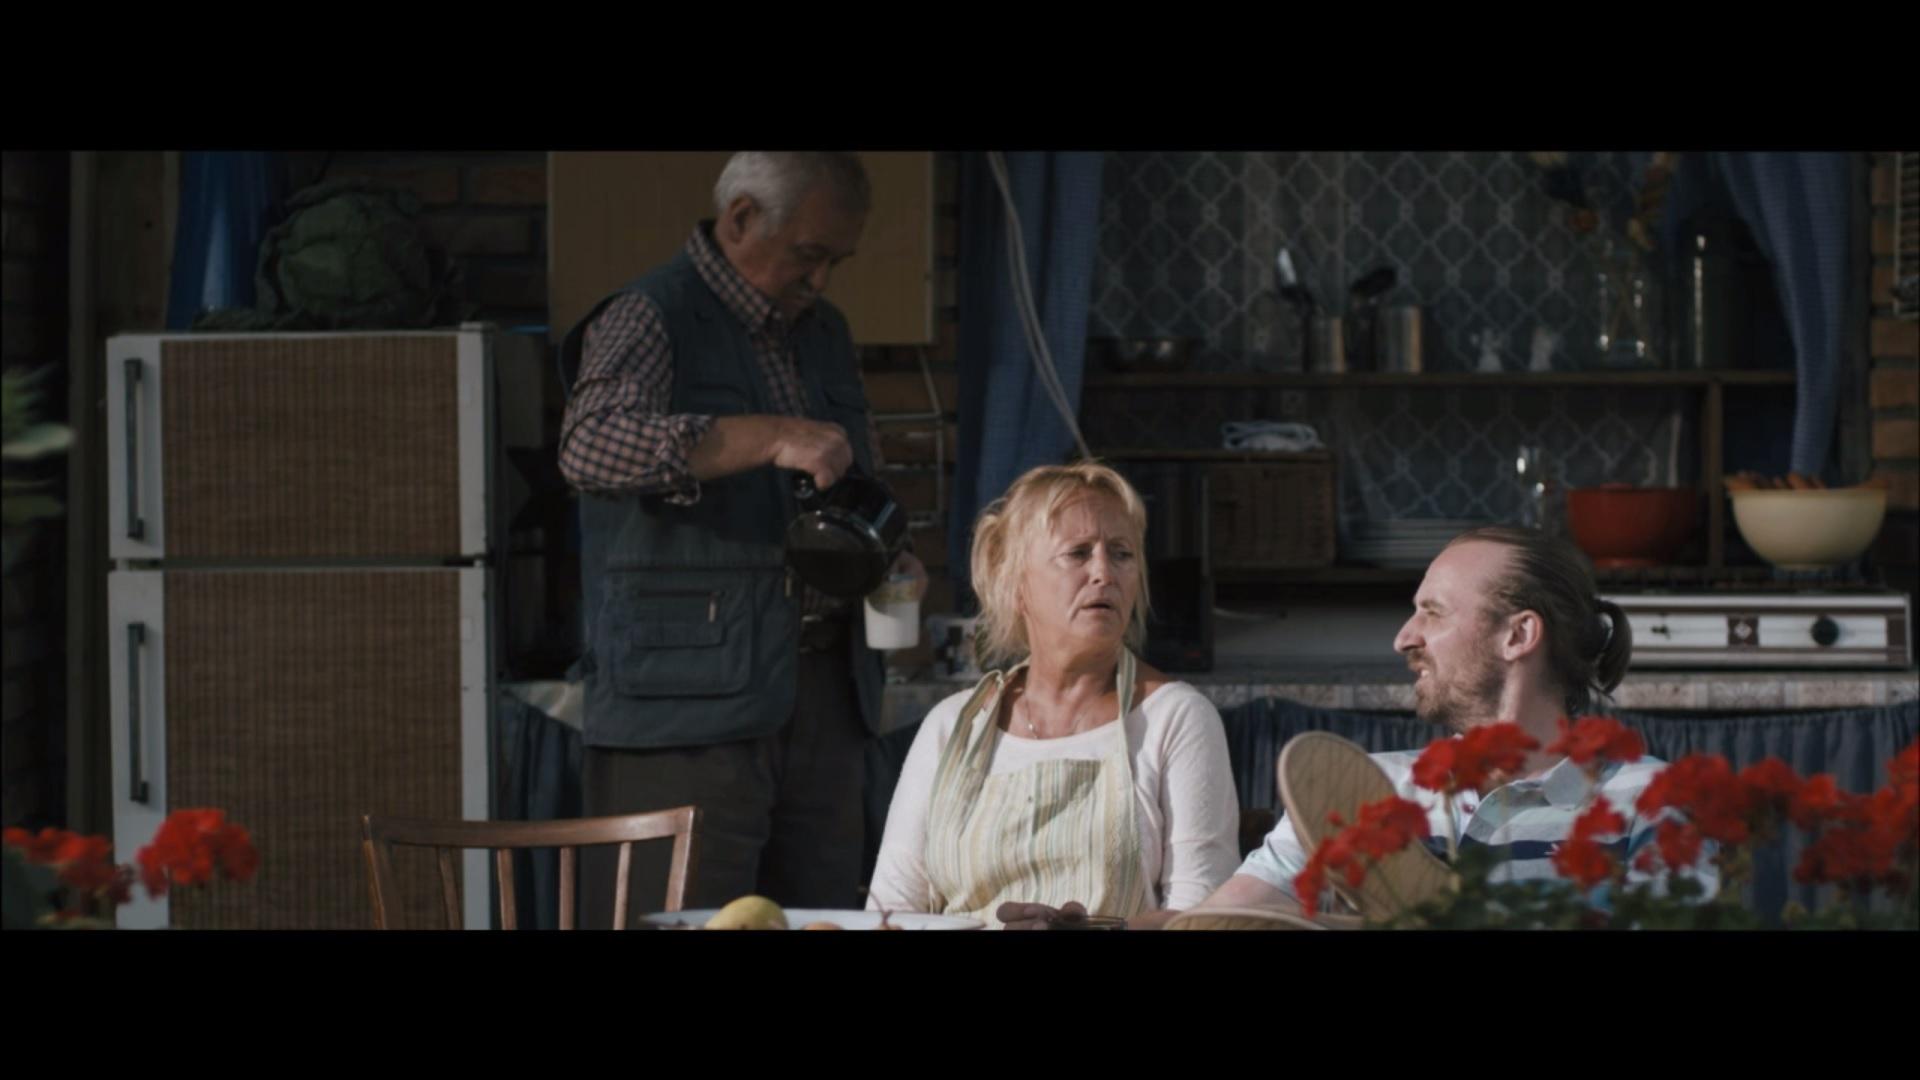 Kadr z filmu Mocna kawa wcale nie jest taka zła